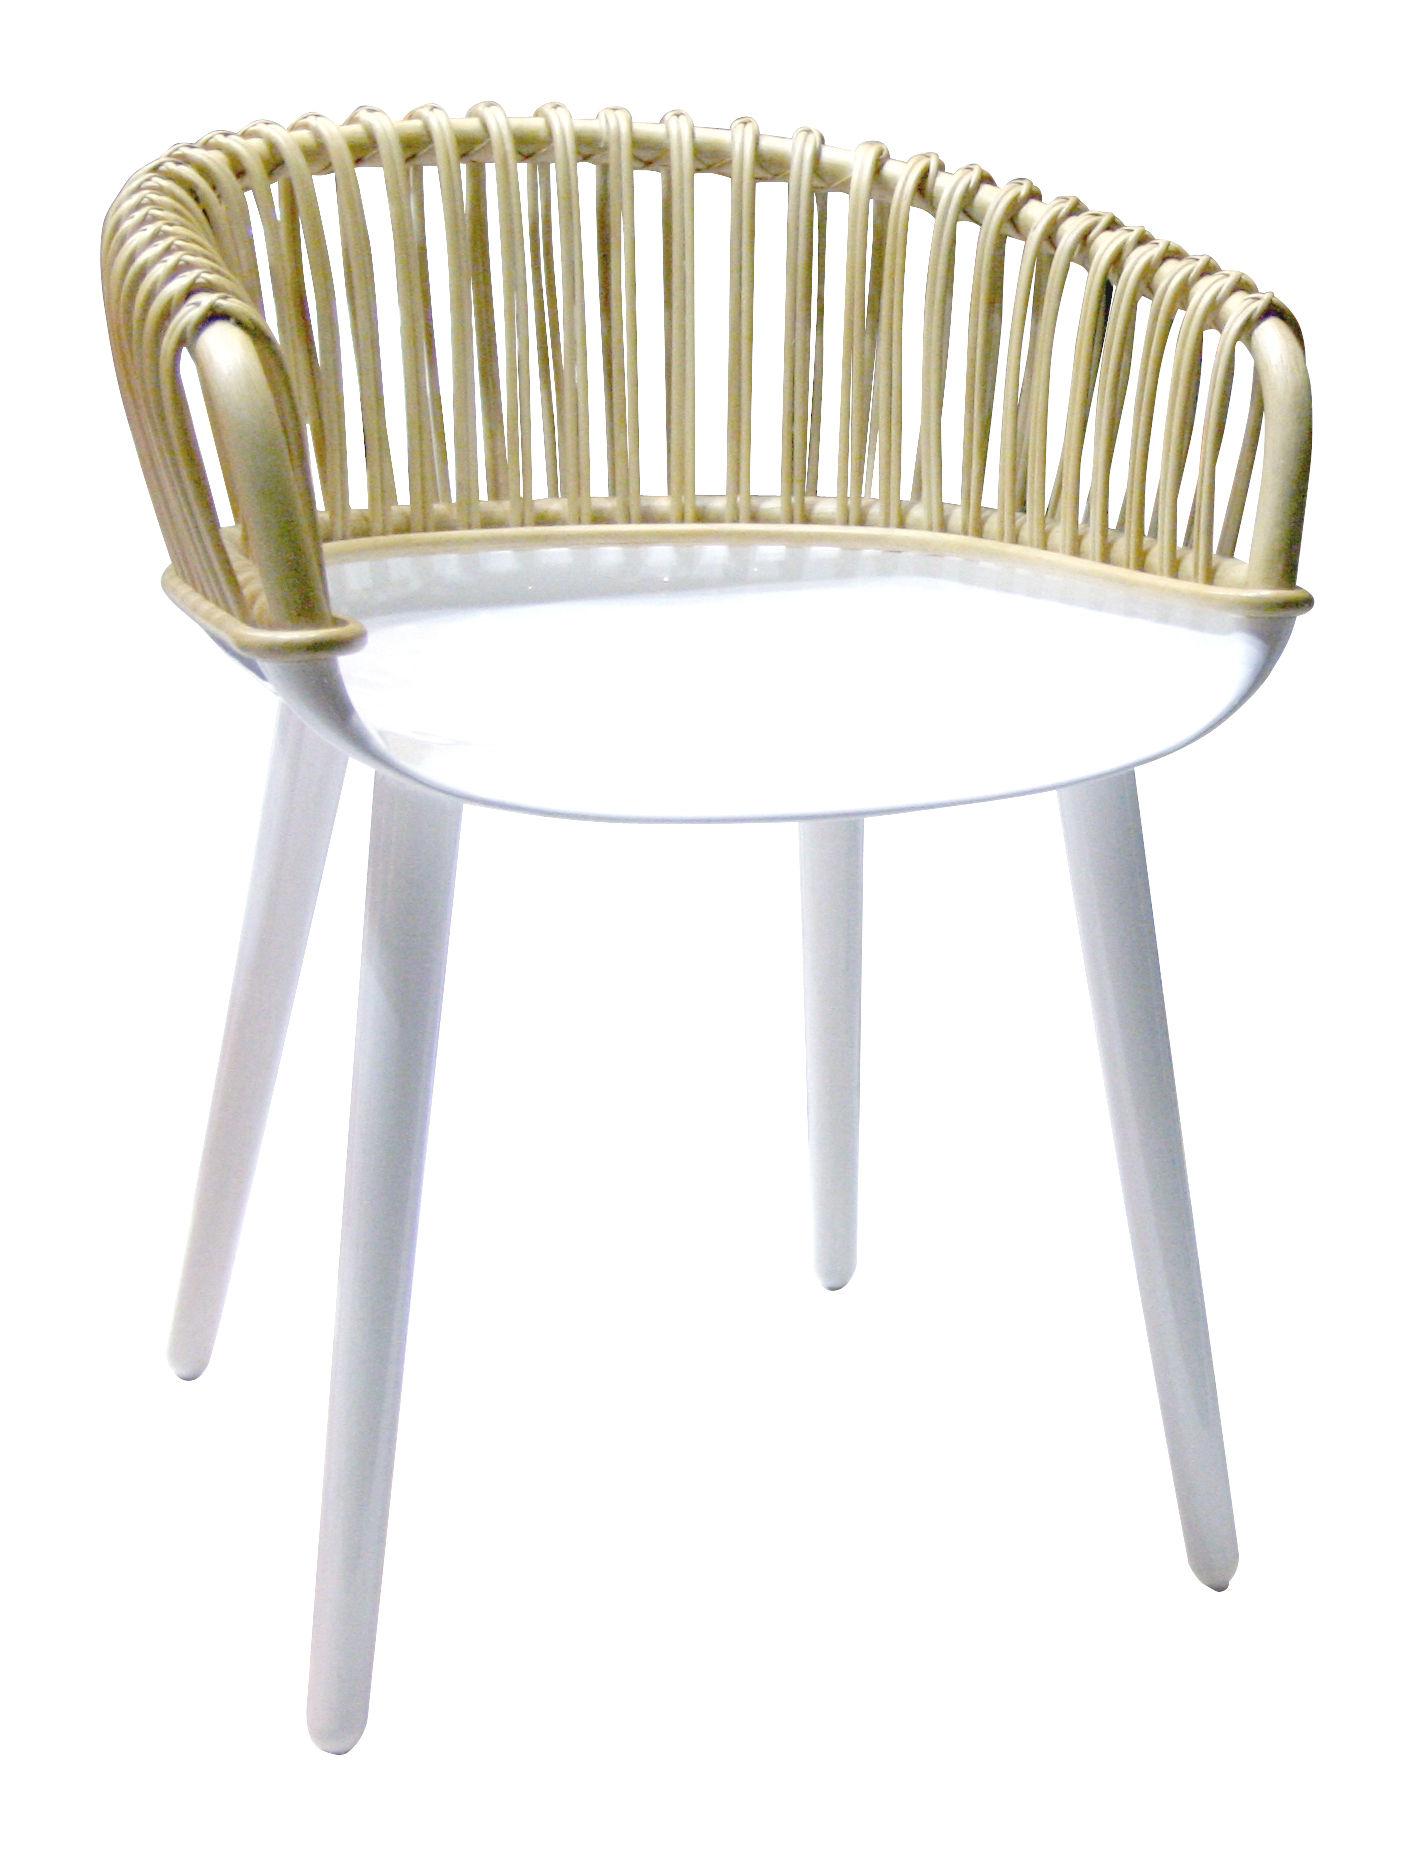 Möbel - Stühle  - Cyborg Sessel geflochtene Rückenlehne - Magis - Rückenlehne Weide natur / Gestell und Sitzfläche weiß-glänzend - Osier, Polykarbonat